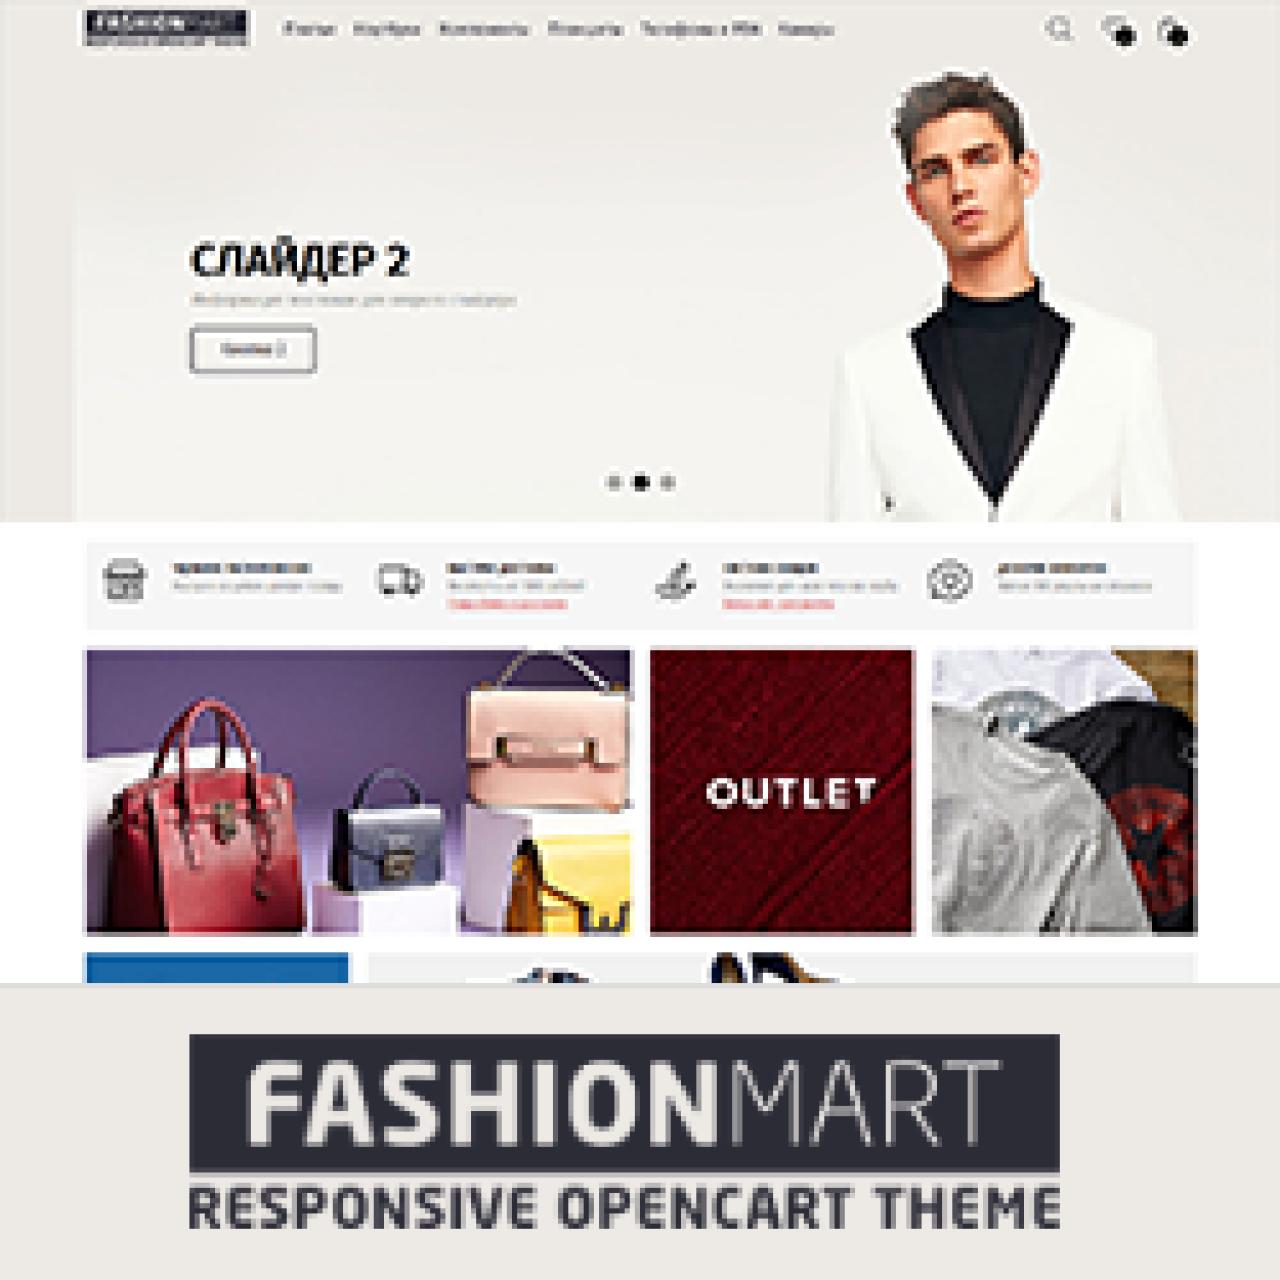 FASHIONMART - адаптивный шаблон интернет магазина одежды, обуви, аксессуаров из категории Шаблоны для CMS OpenCart (ОпенКарт)